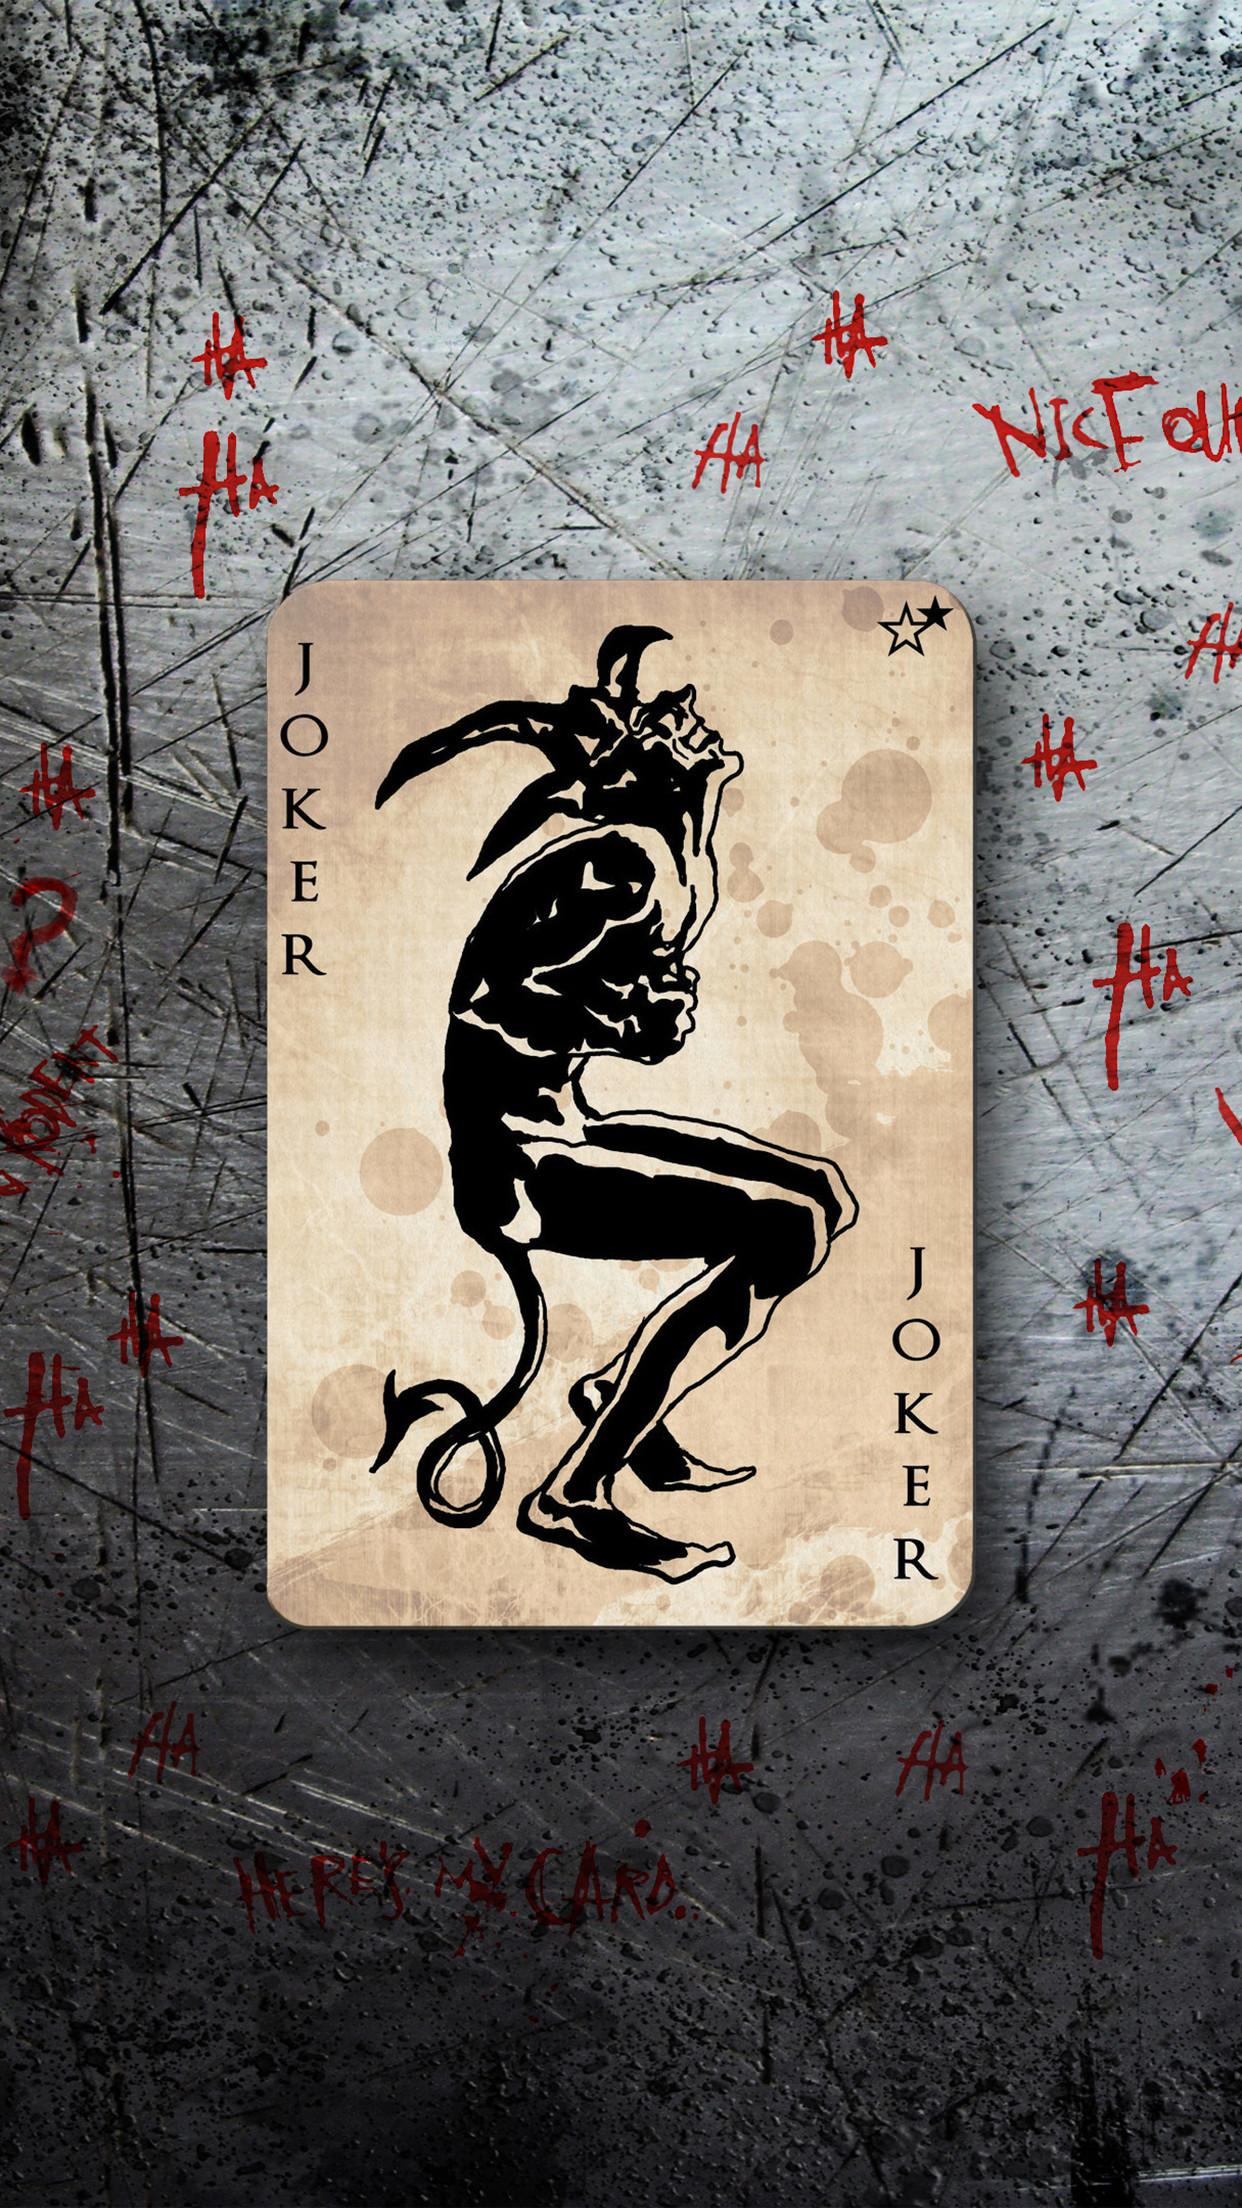 Joker …